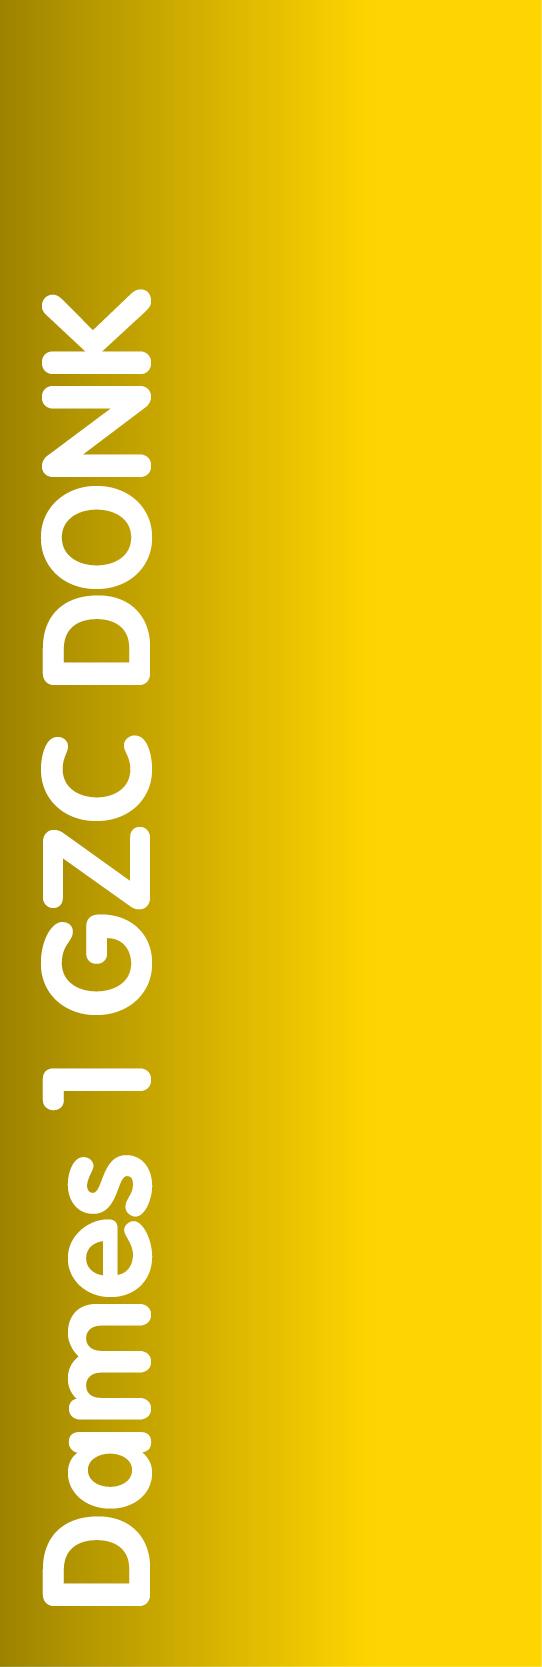 Dames 1 GZC DONK